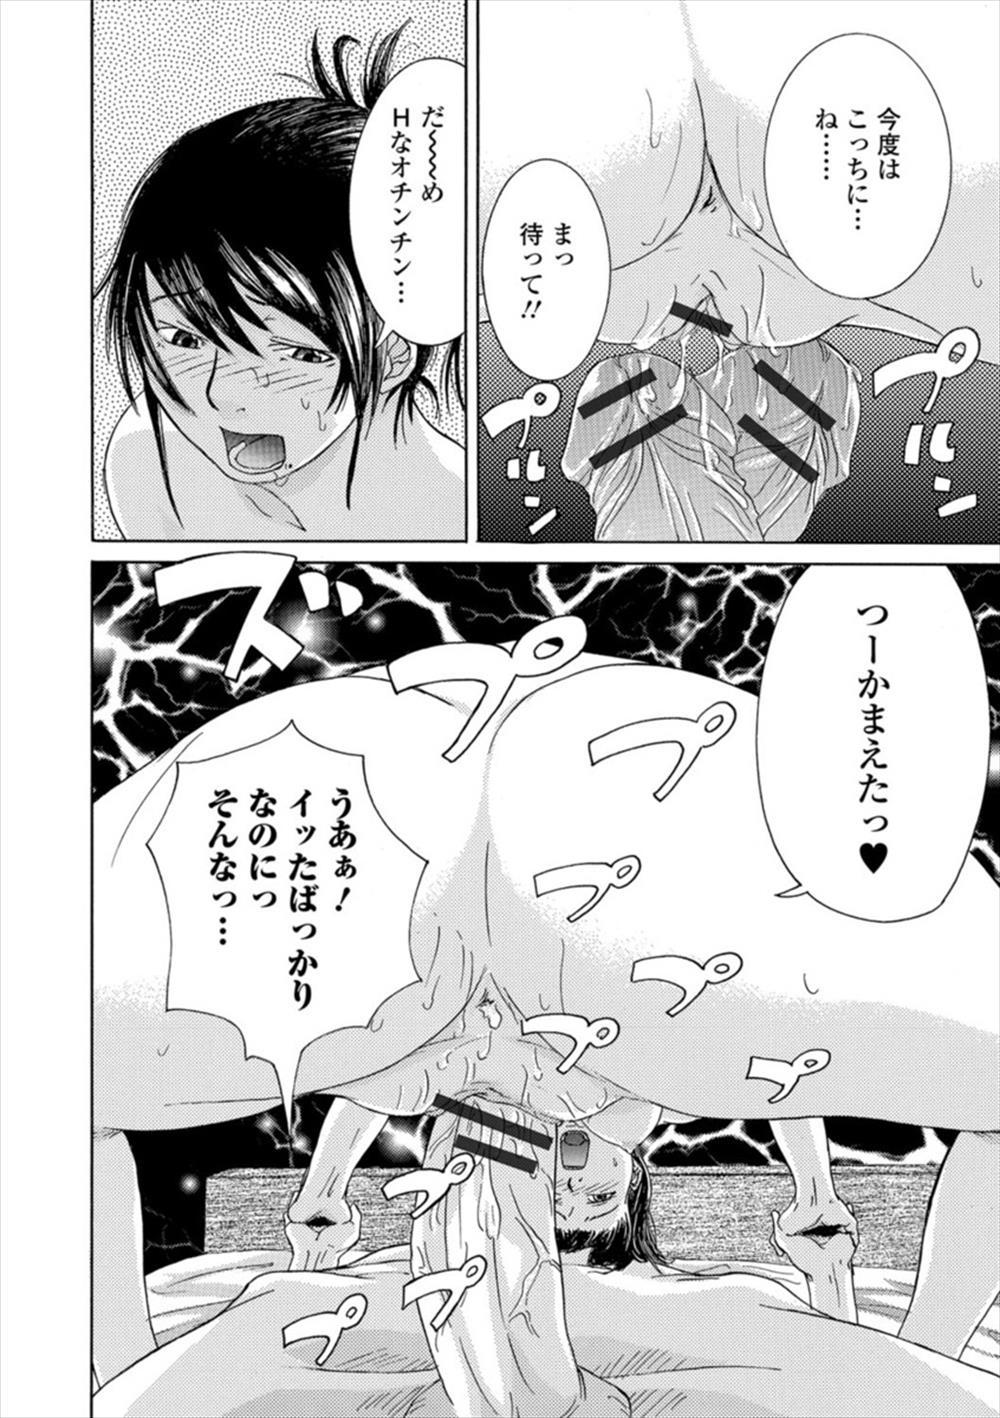 【エロ漫画】息子が母の下着でオナニーしているのがバレてしまって誘惑されて近親相姦しちゃうwww